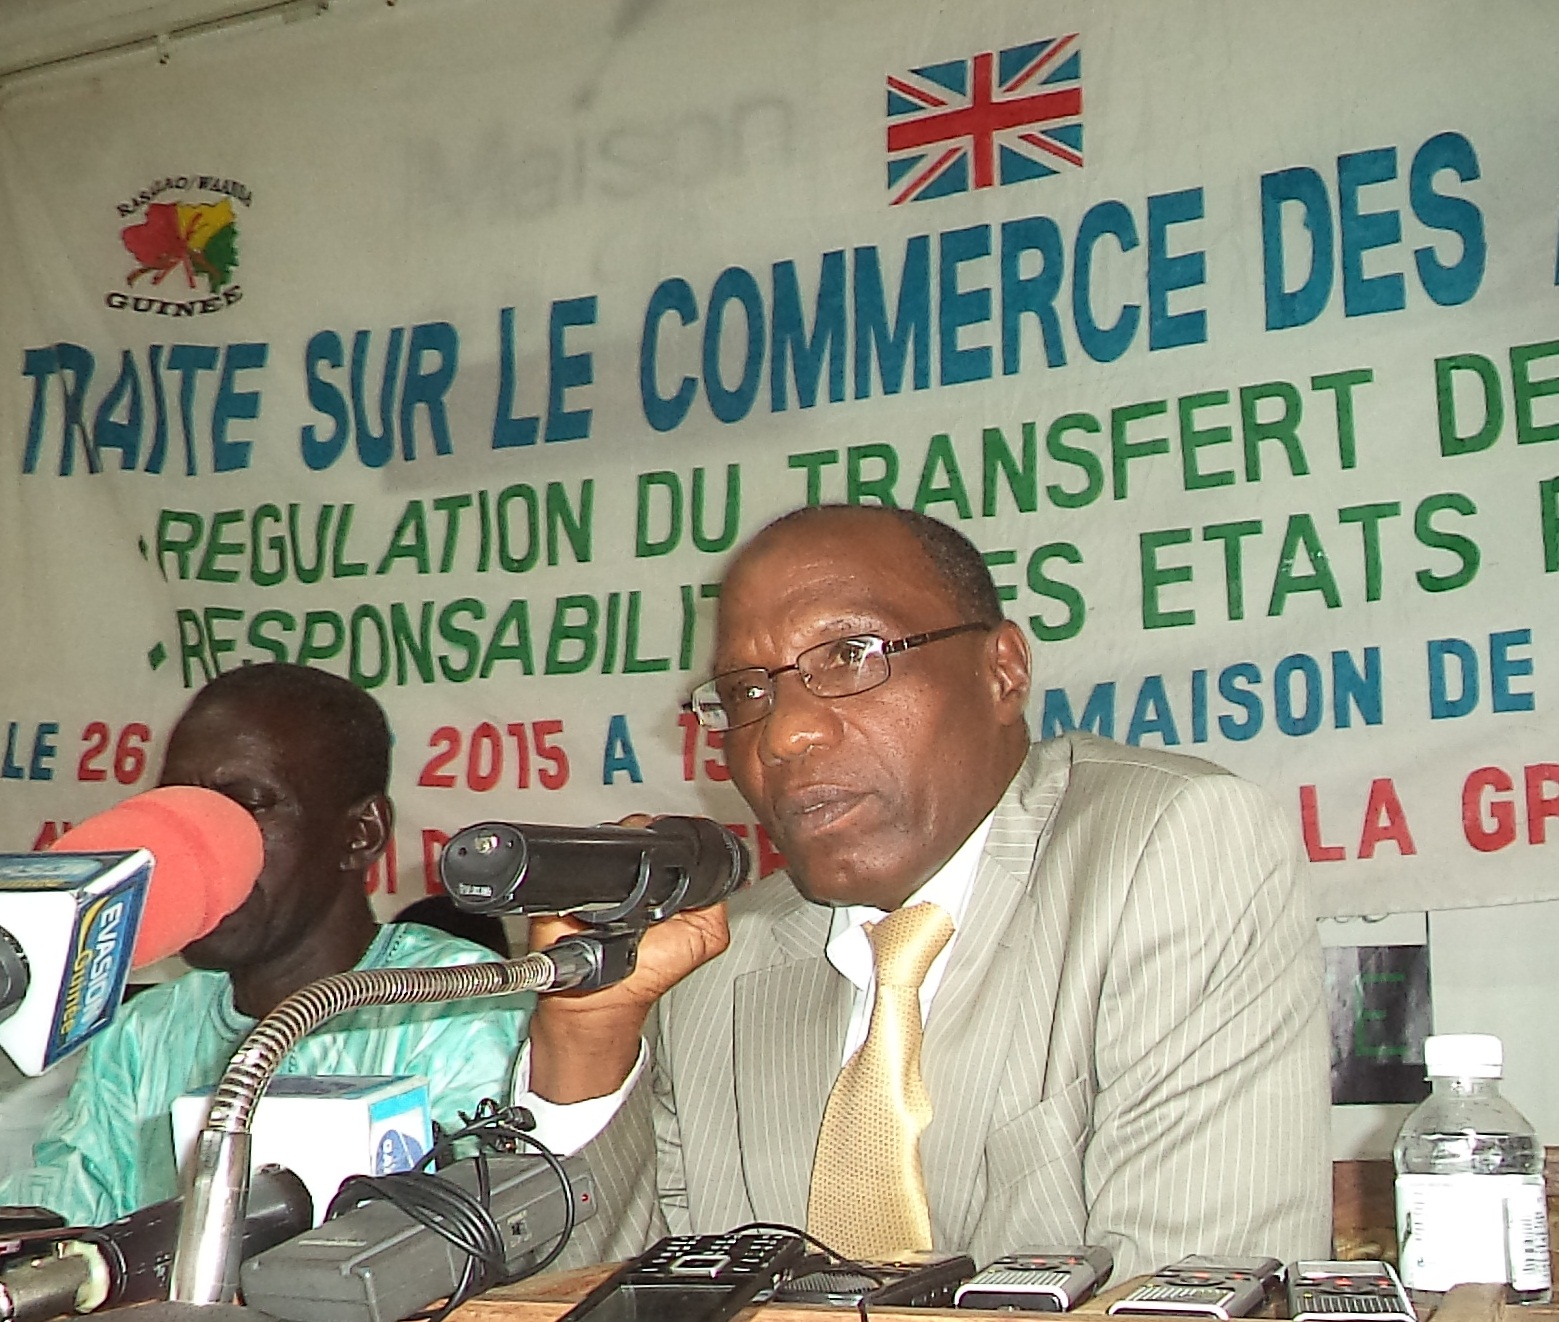 Crédit photo: kaloumpresse.com